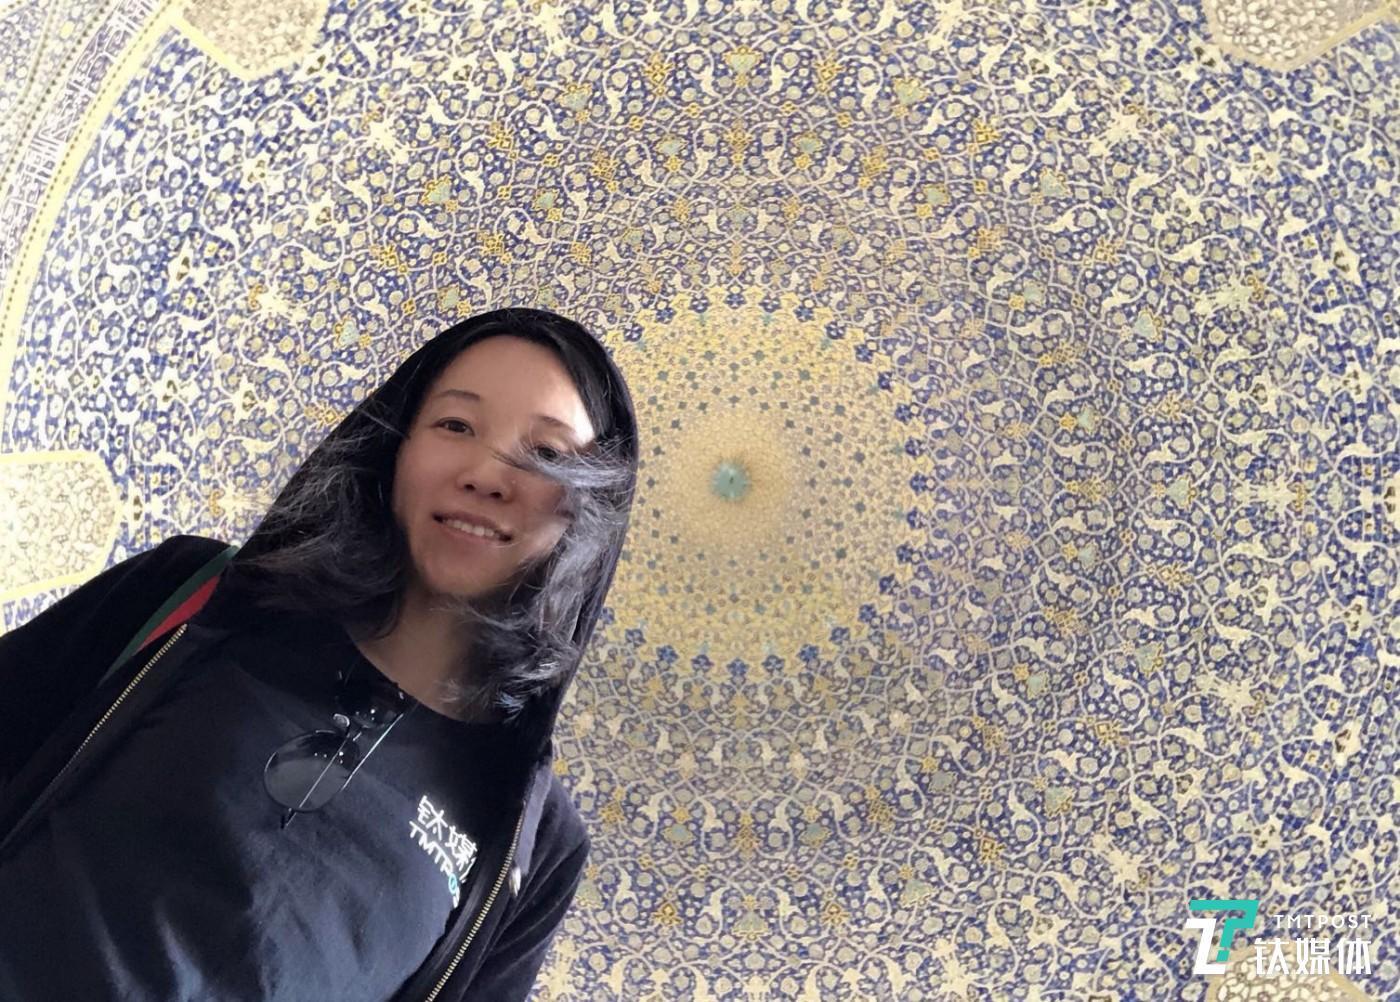 宗教是一种信仰,技术是一种信仰,探索亦是一种信仰——留在伊朗